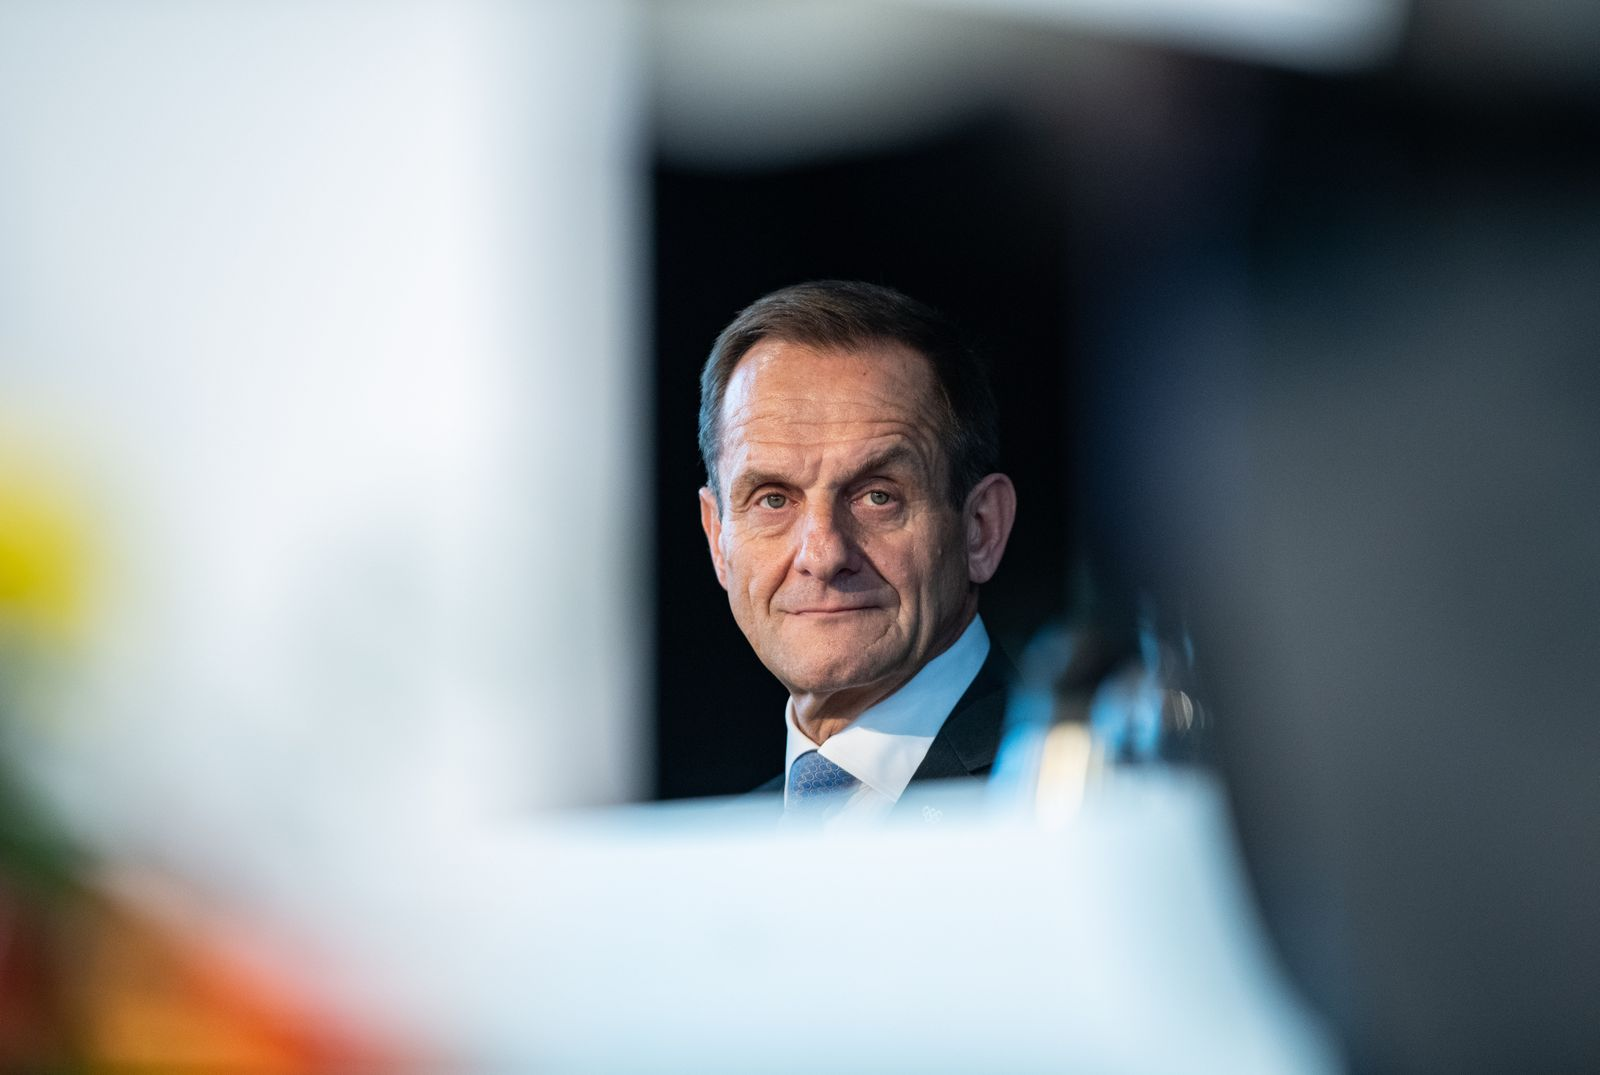 DOSB-Präsident Hörmann in häuslicher Quarantäne